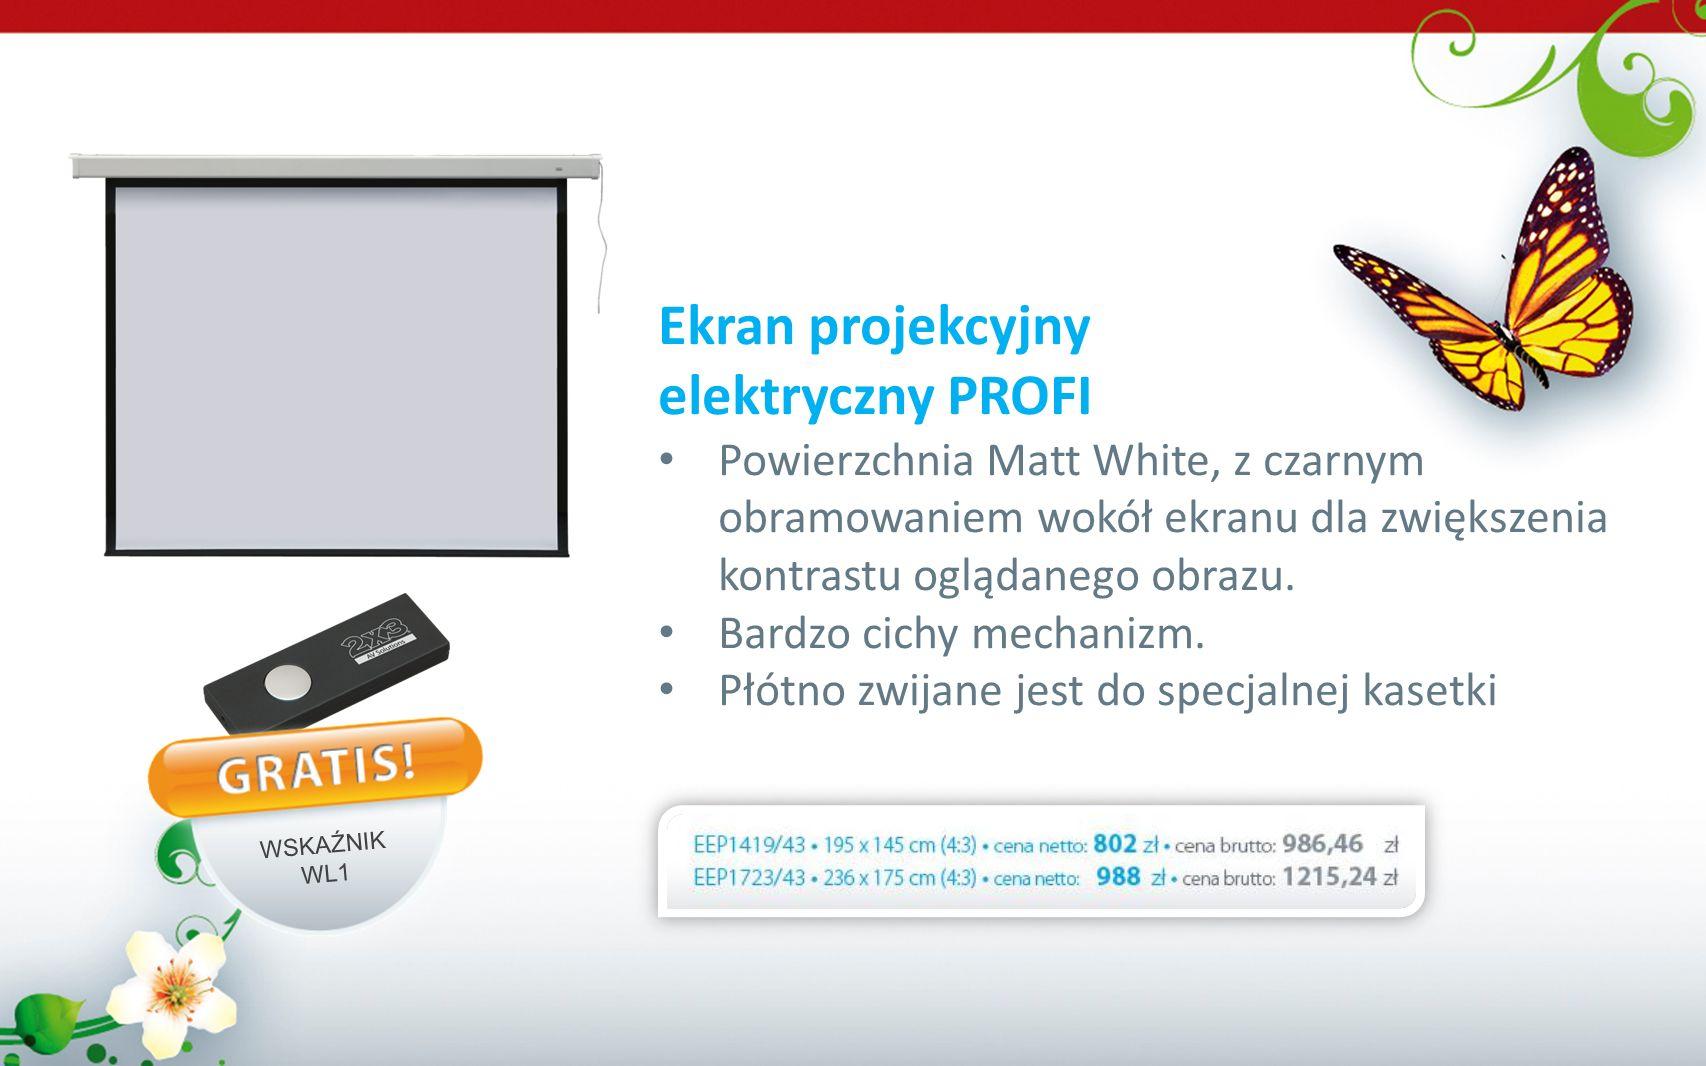 Ekran projekcyjny elektryczny PROFI